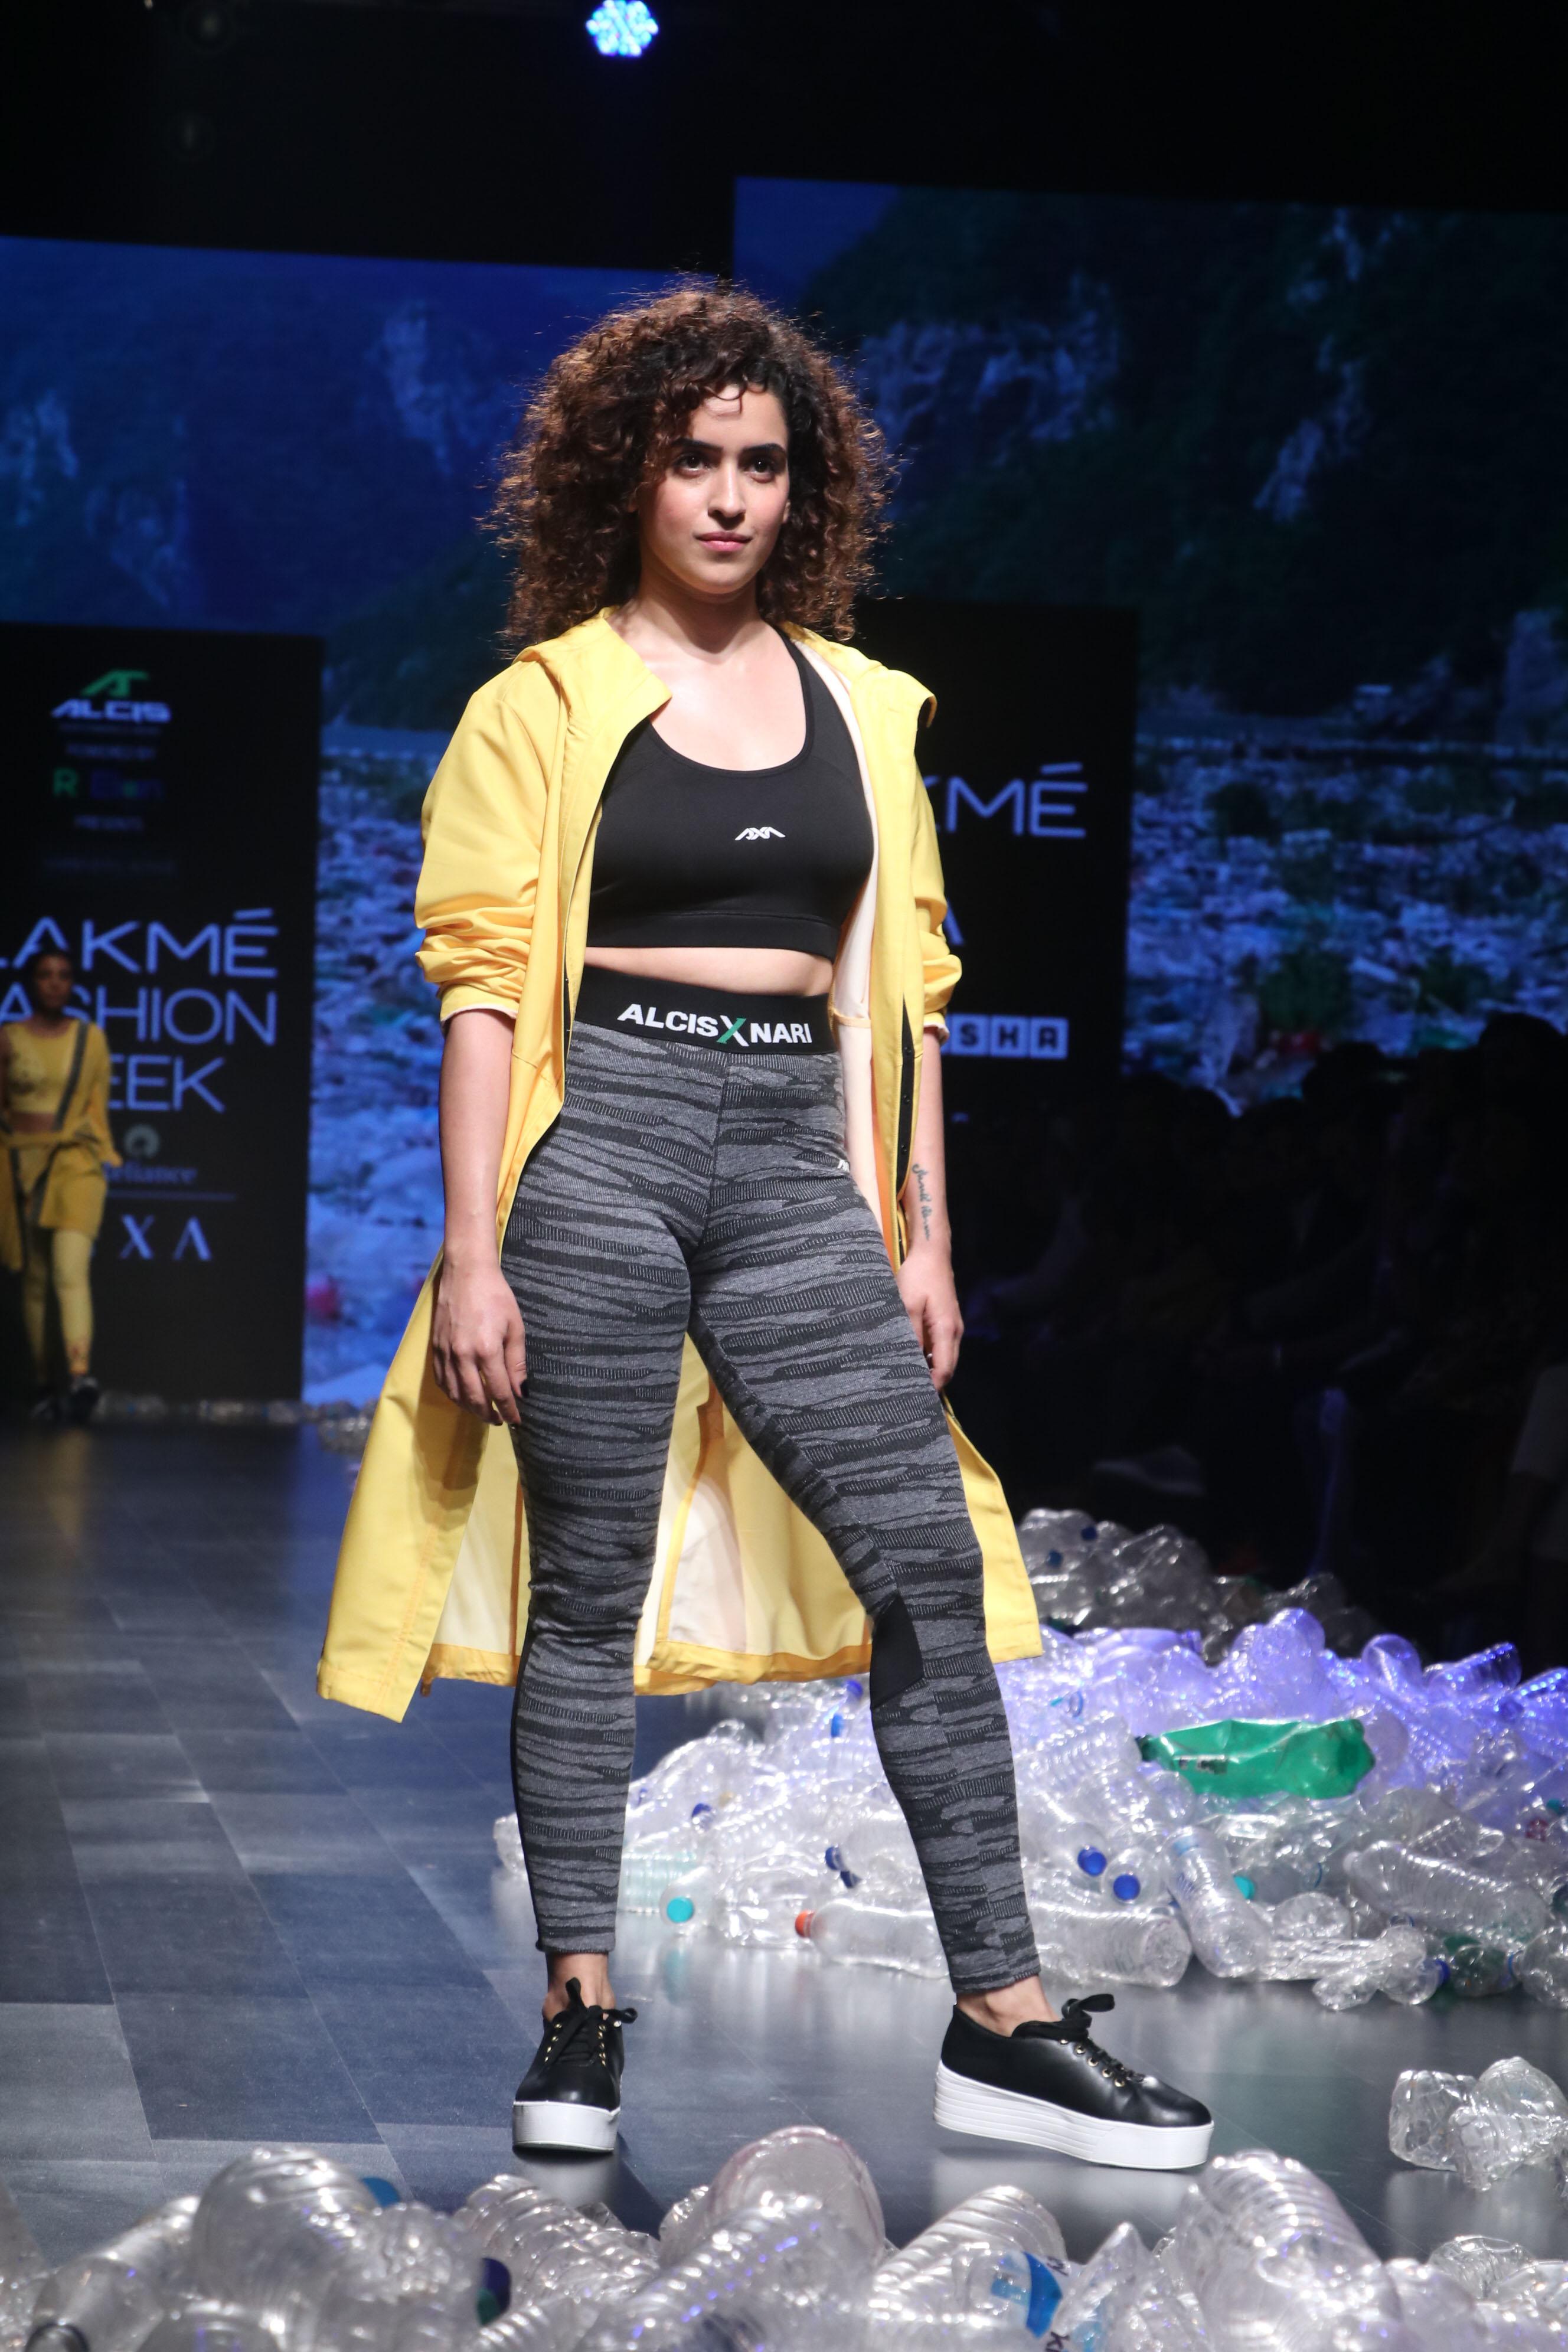 दंगल गर्ल सान्या मल्होत्रा डिजाइनर नरेंद्र कुमार की लेटेस्ट कलेक्शन में 'Activewear' में री-साइकिल का संदेश देती हुई रैंप पर उतरीं और सभी को अपने अंदाज से हैरान कर डाला।